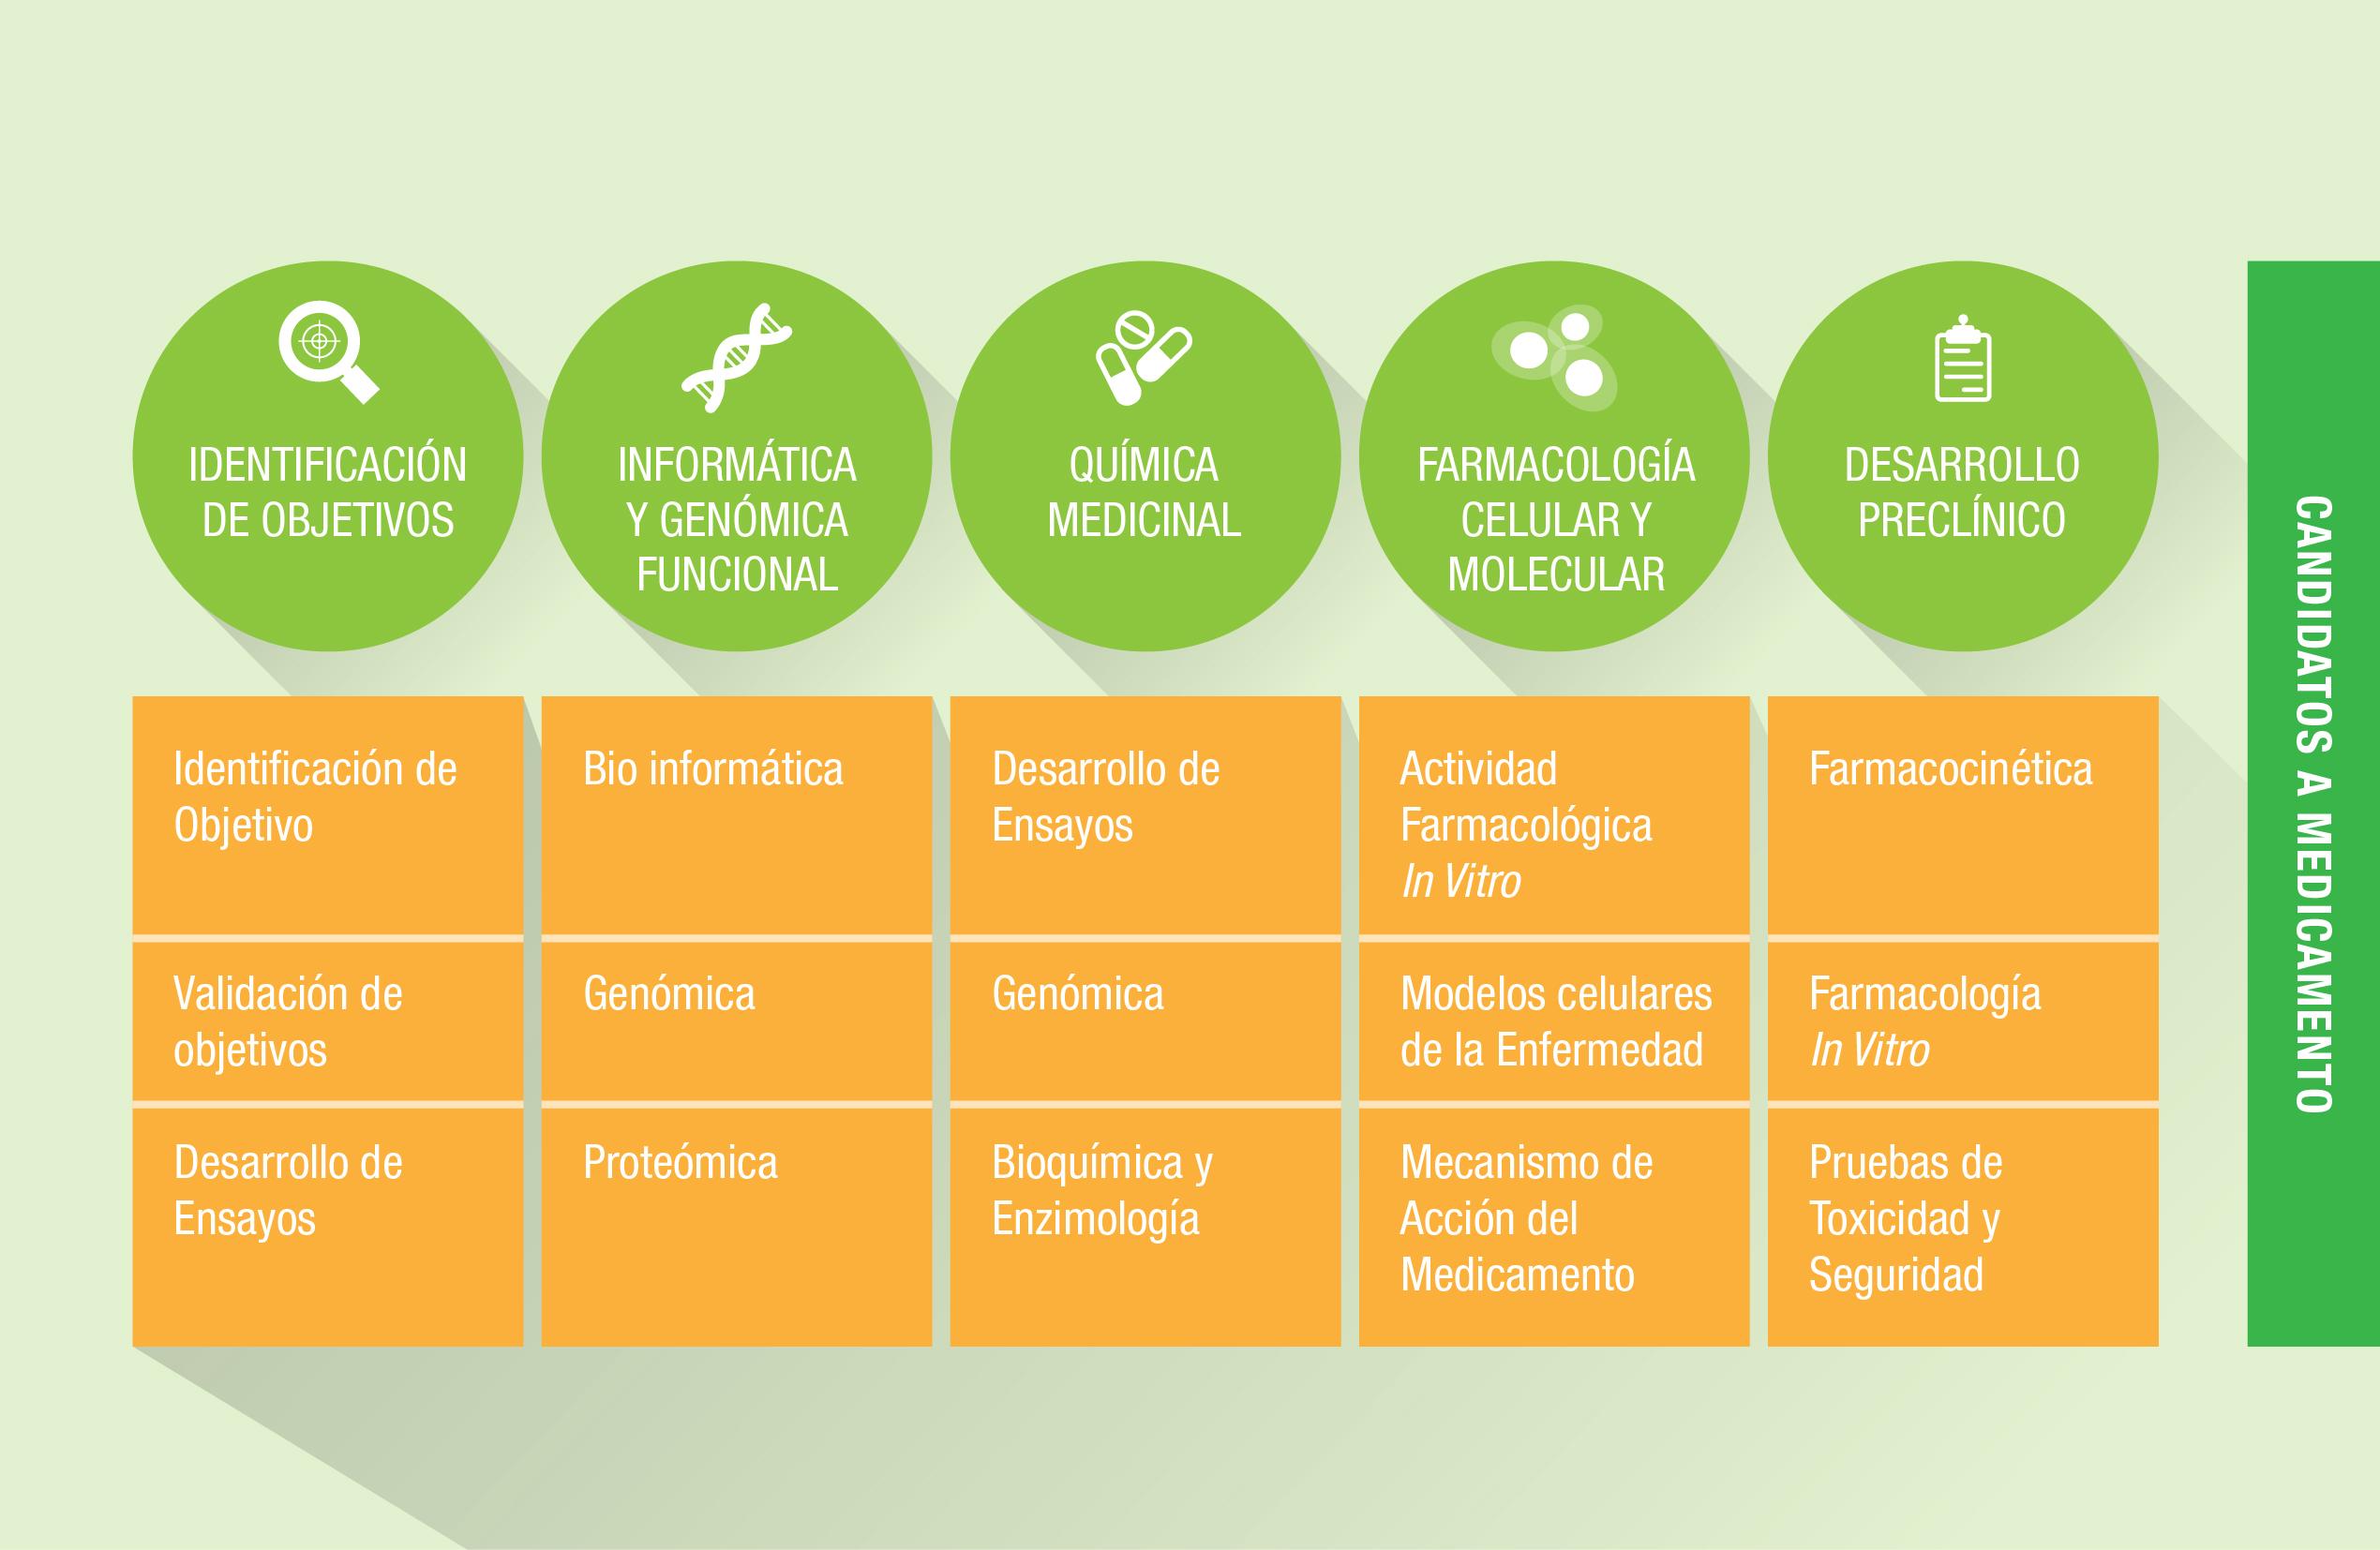 El proceso de descubrimiento de objetivos y medicamentos de Celgene se basa en identificación de objetivos; informática y genómica funcional; química medicinal; farmacología celular y molecular; y desarrollo preclínico.